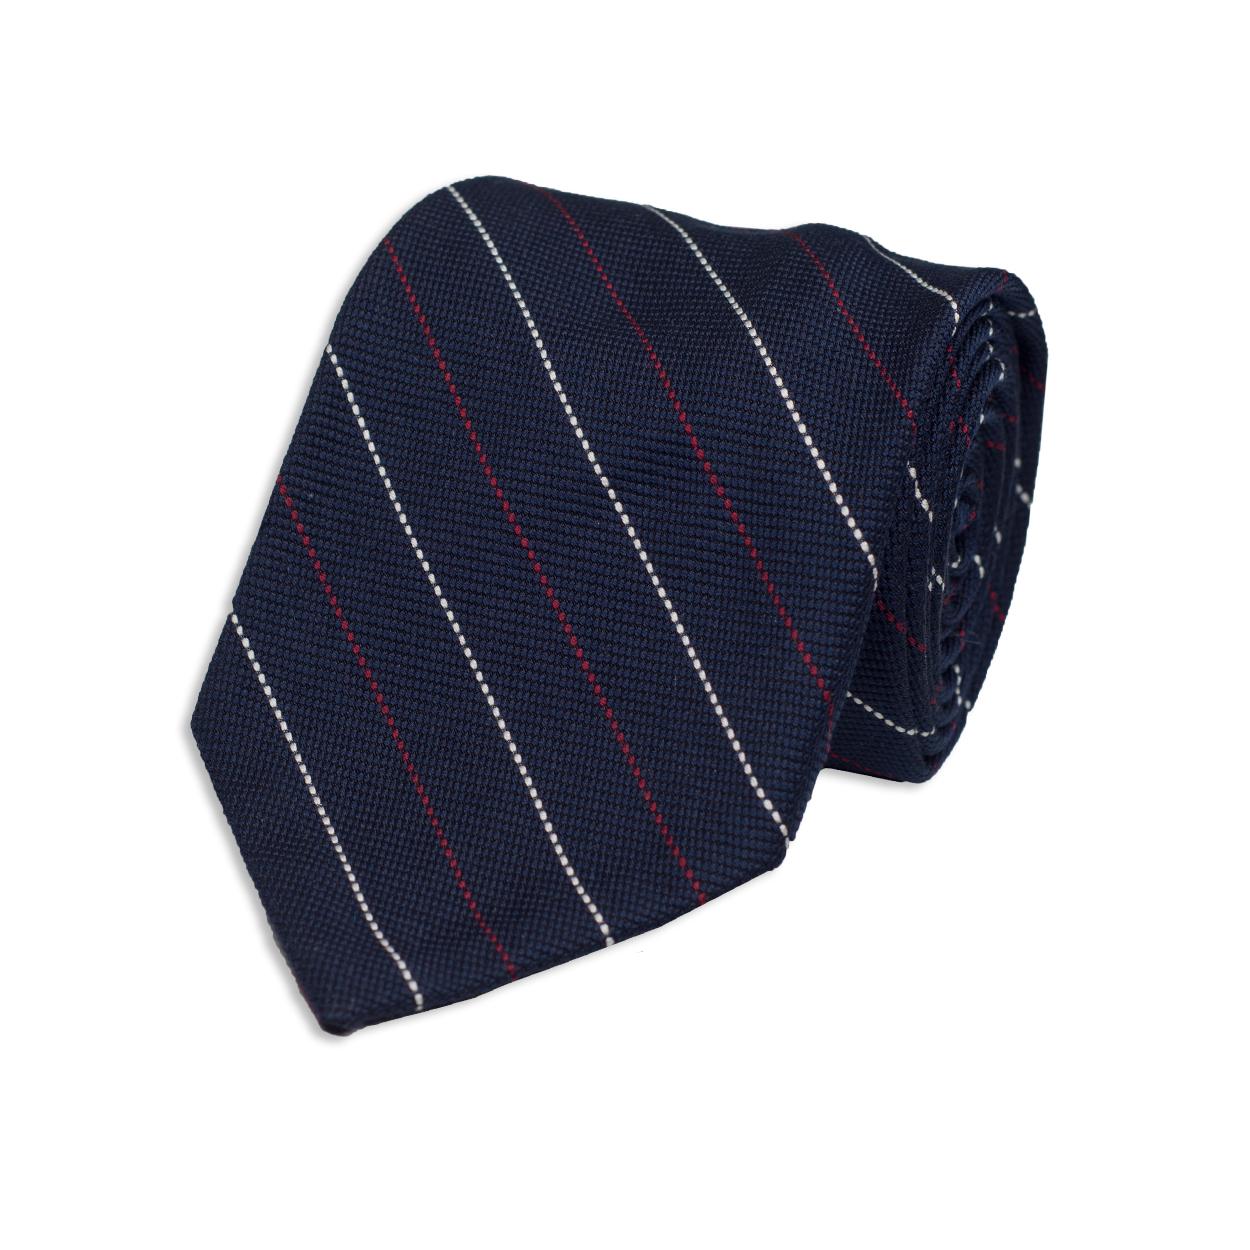 pin striped necktie.jpg